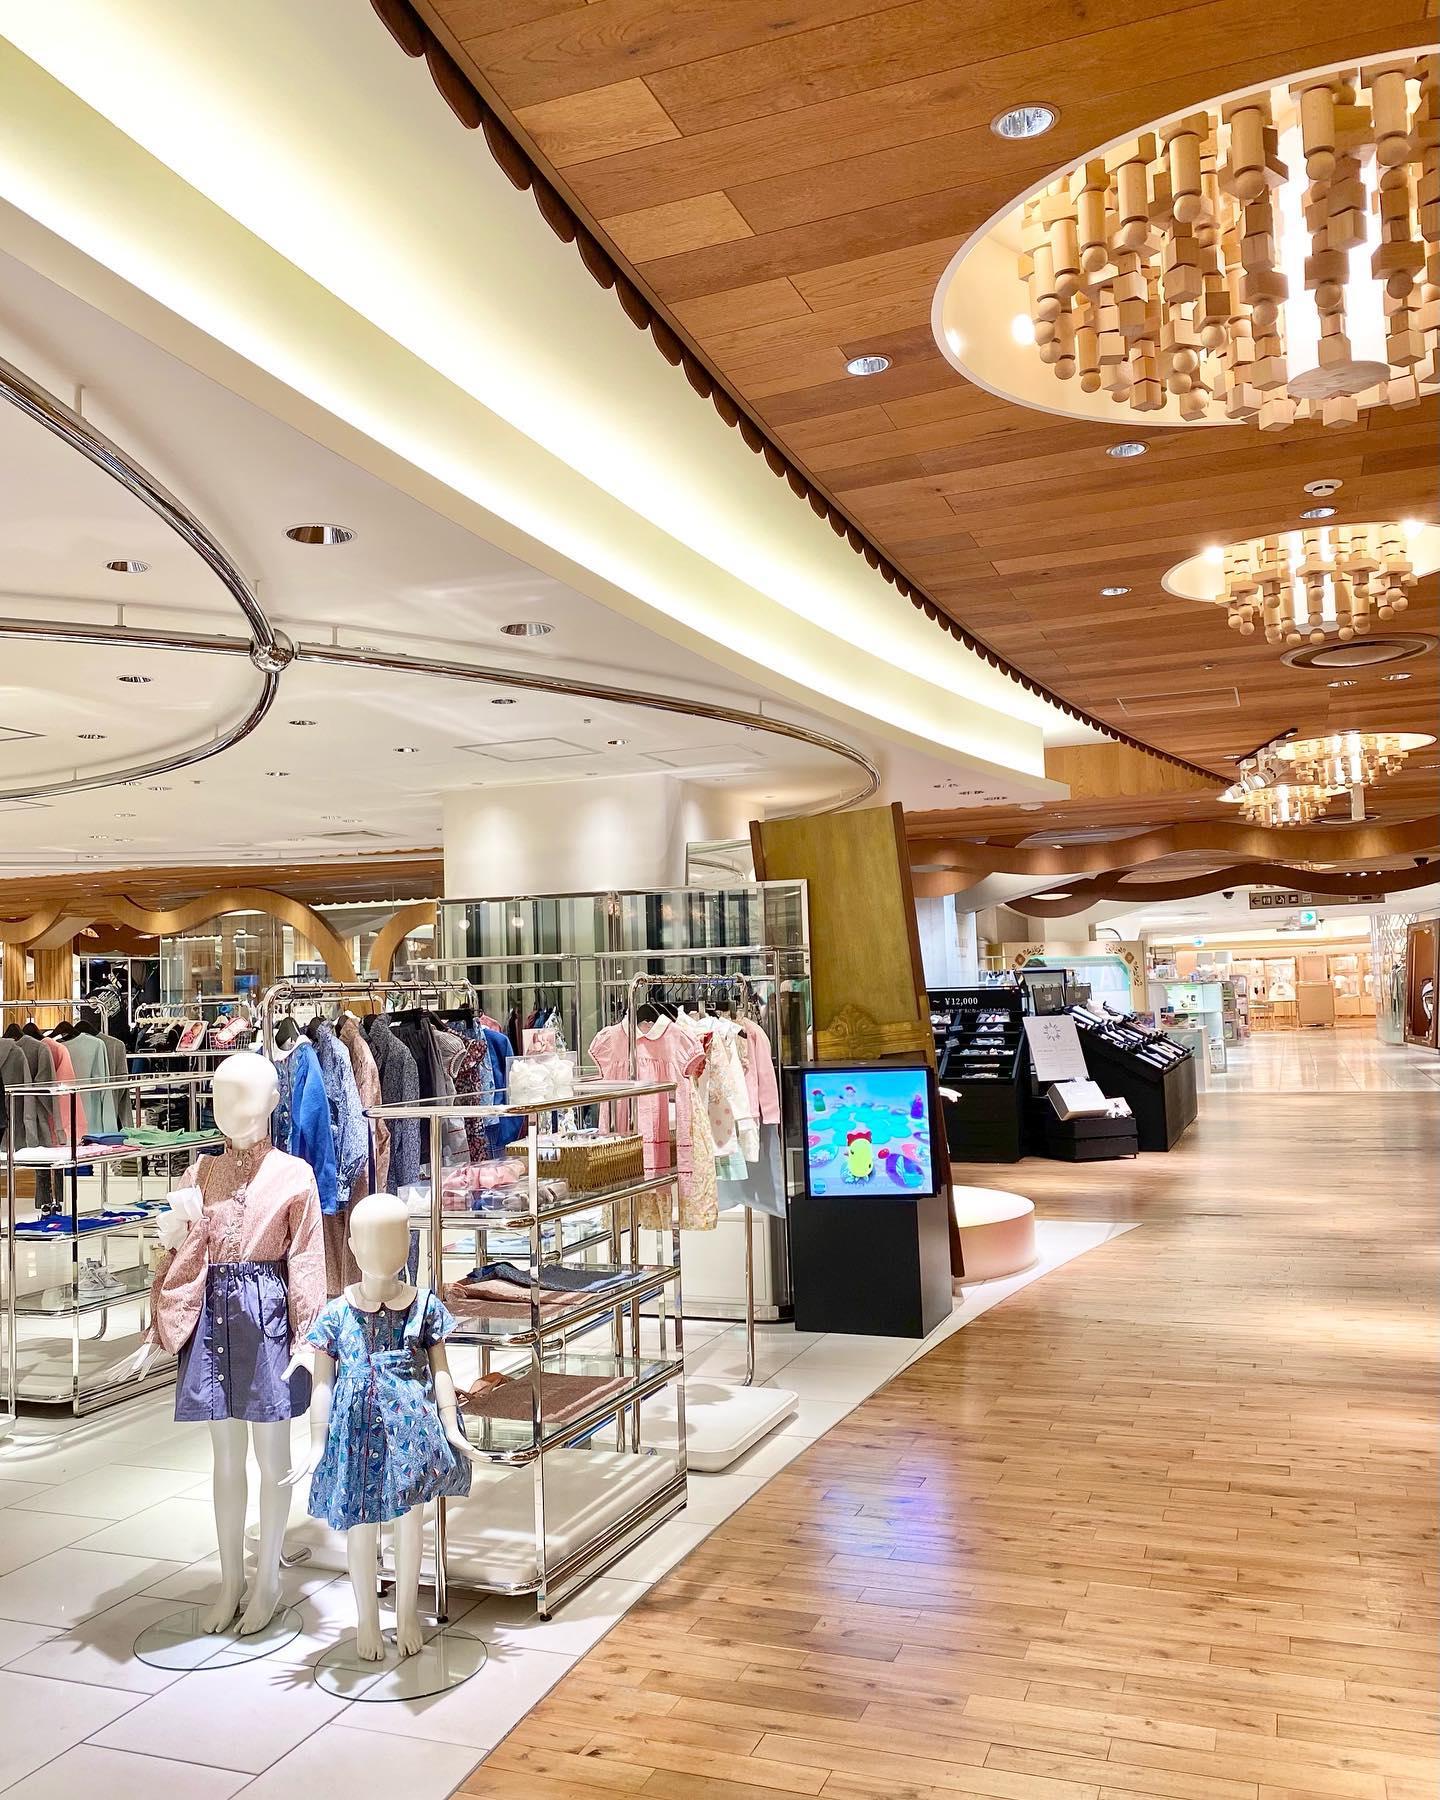 いよいよ明日から️POP UP SHOP at Isetan Shinjuku期間: 2/24(水)- 3/9(火)営業時間:10:00-19:00場所: 伊勢丹新宿店 本館6階=リ・スタイル キッズ※諸般の事情により、営業時間は変更となることがございます。@bonitatokyo︎Online Shop.https://bonitatokyo.com/#bonitatokyo #amaiakids #アマイアキッズ #シャーロット王女 #キャサリン妃 #ママコーデ #むすめふく #リバティ子供服 #サブバッグ #出産祝い #入学祝い #伊勢丹新宿店 #isetan